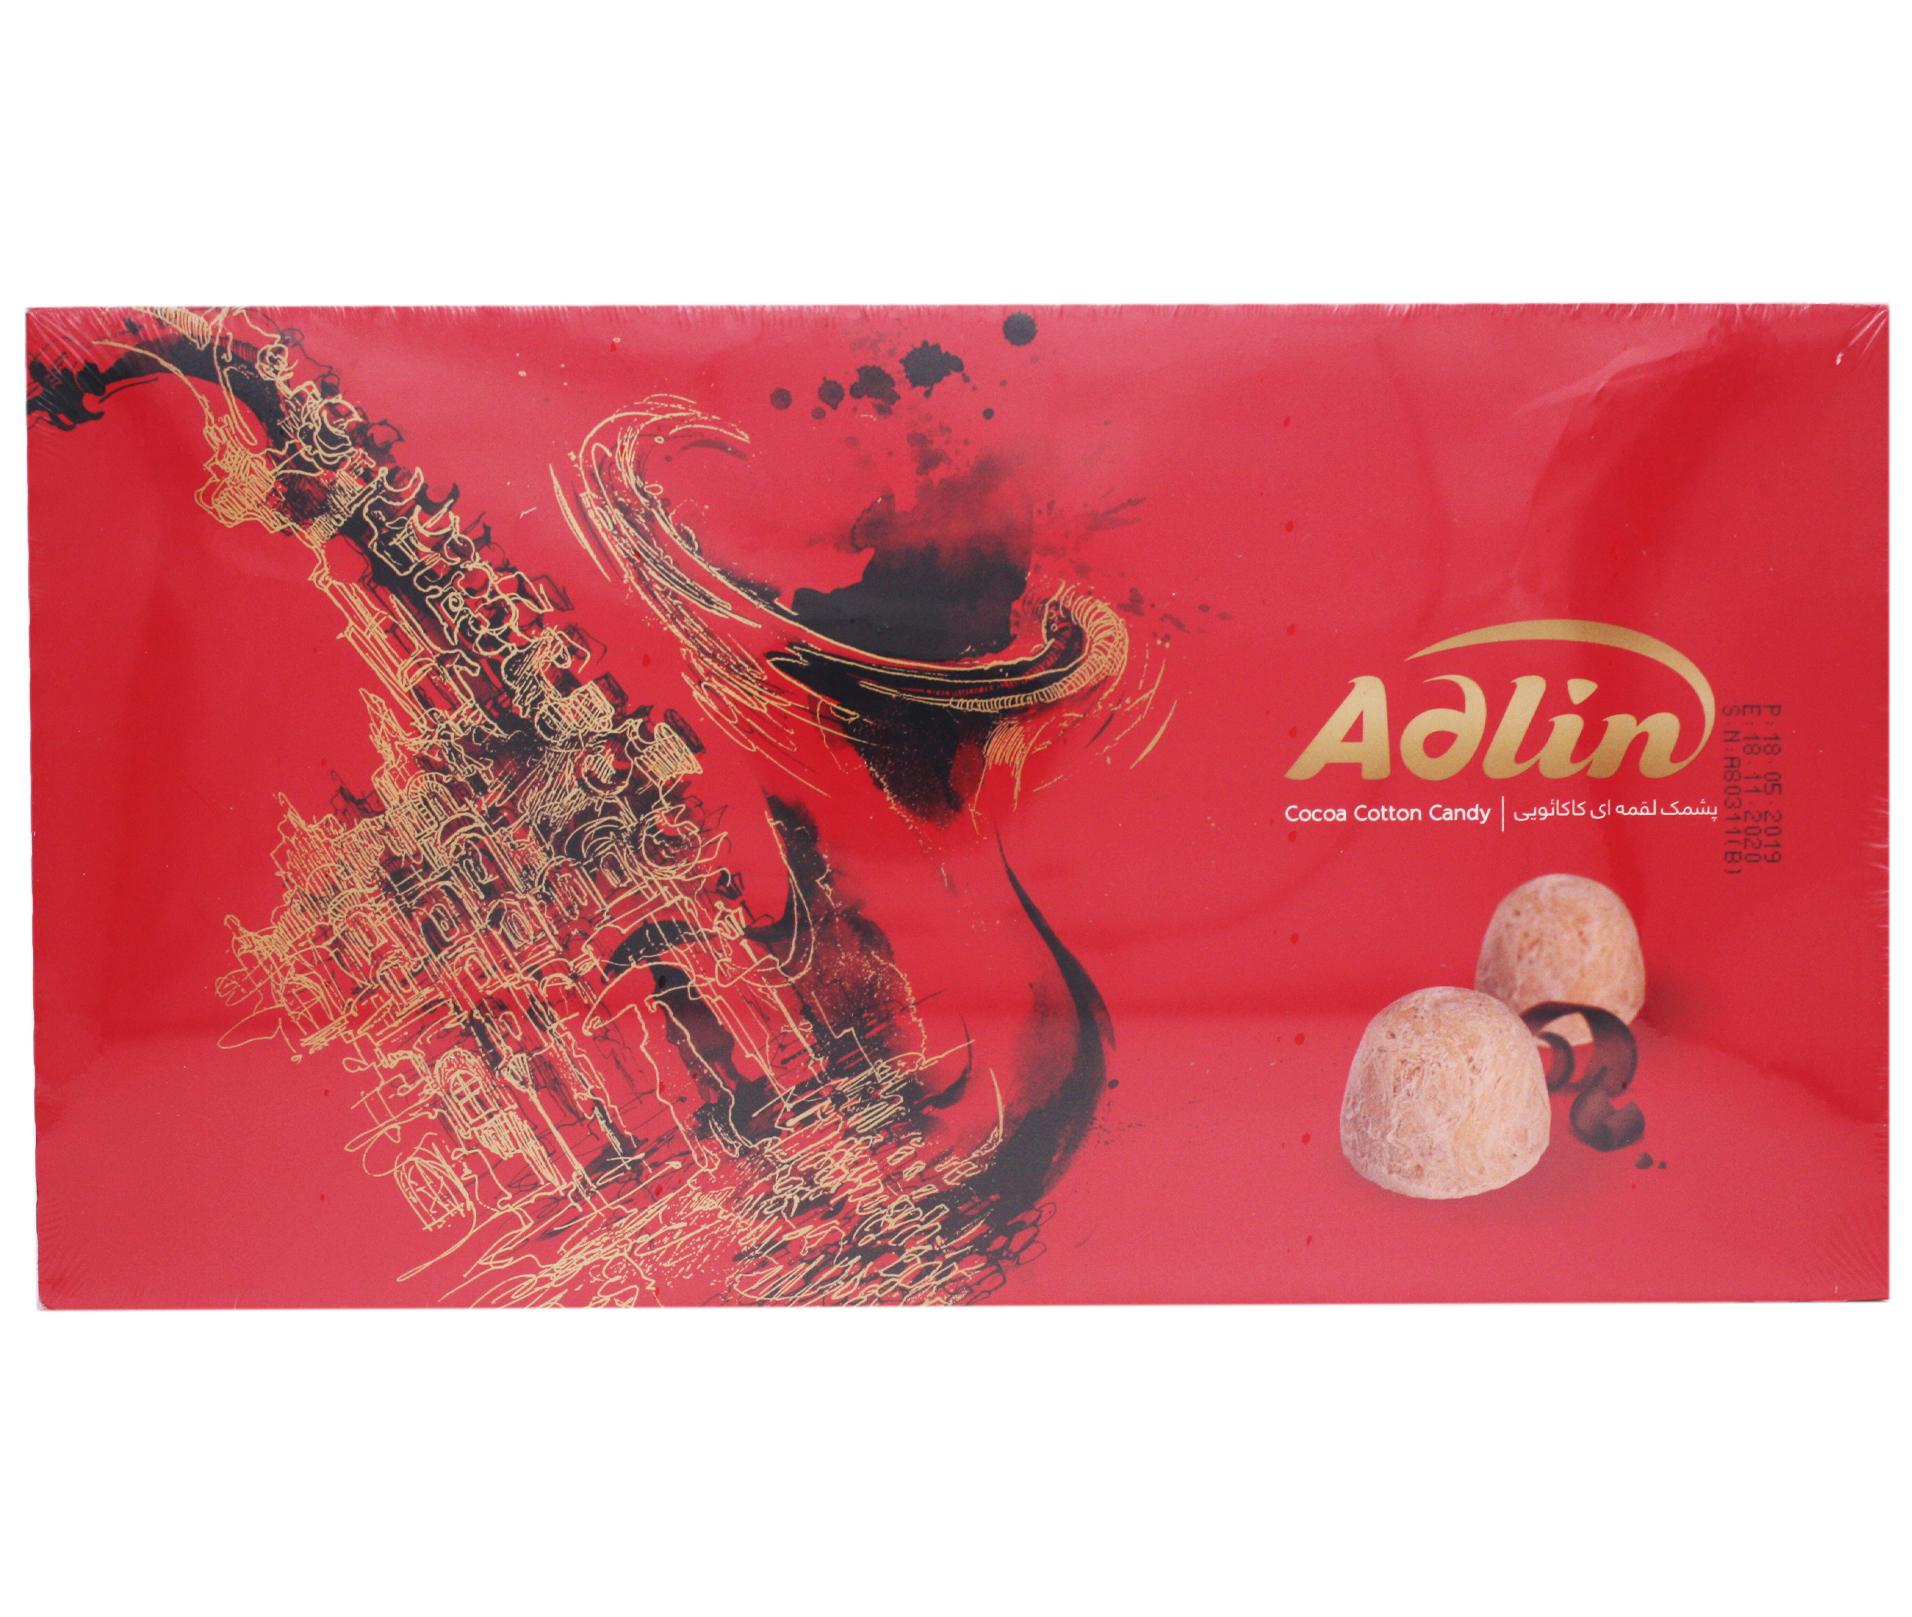 Иранская пишмание Царская пишмание с какао, Adlin, 350 г import_files_24_24830af7bf3911e9a9b1484d7ecee297_a7debf6ddb7611e9a9b6484d7ecee297.jpg